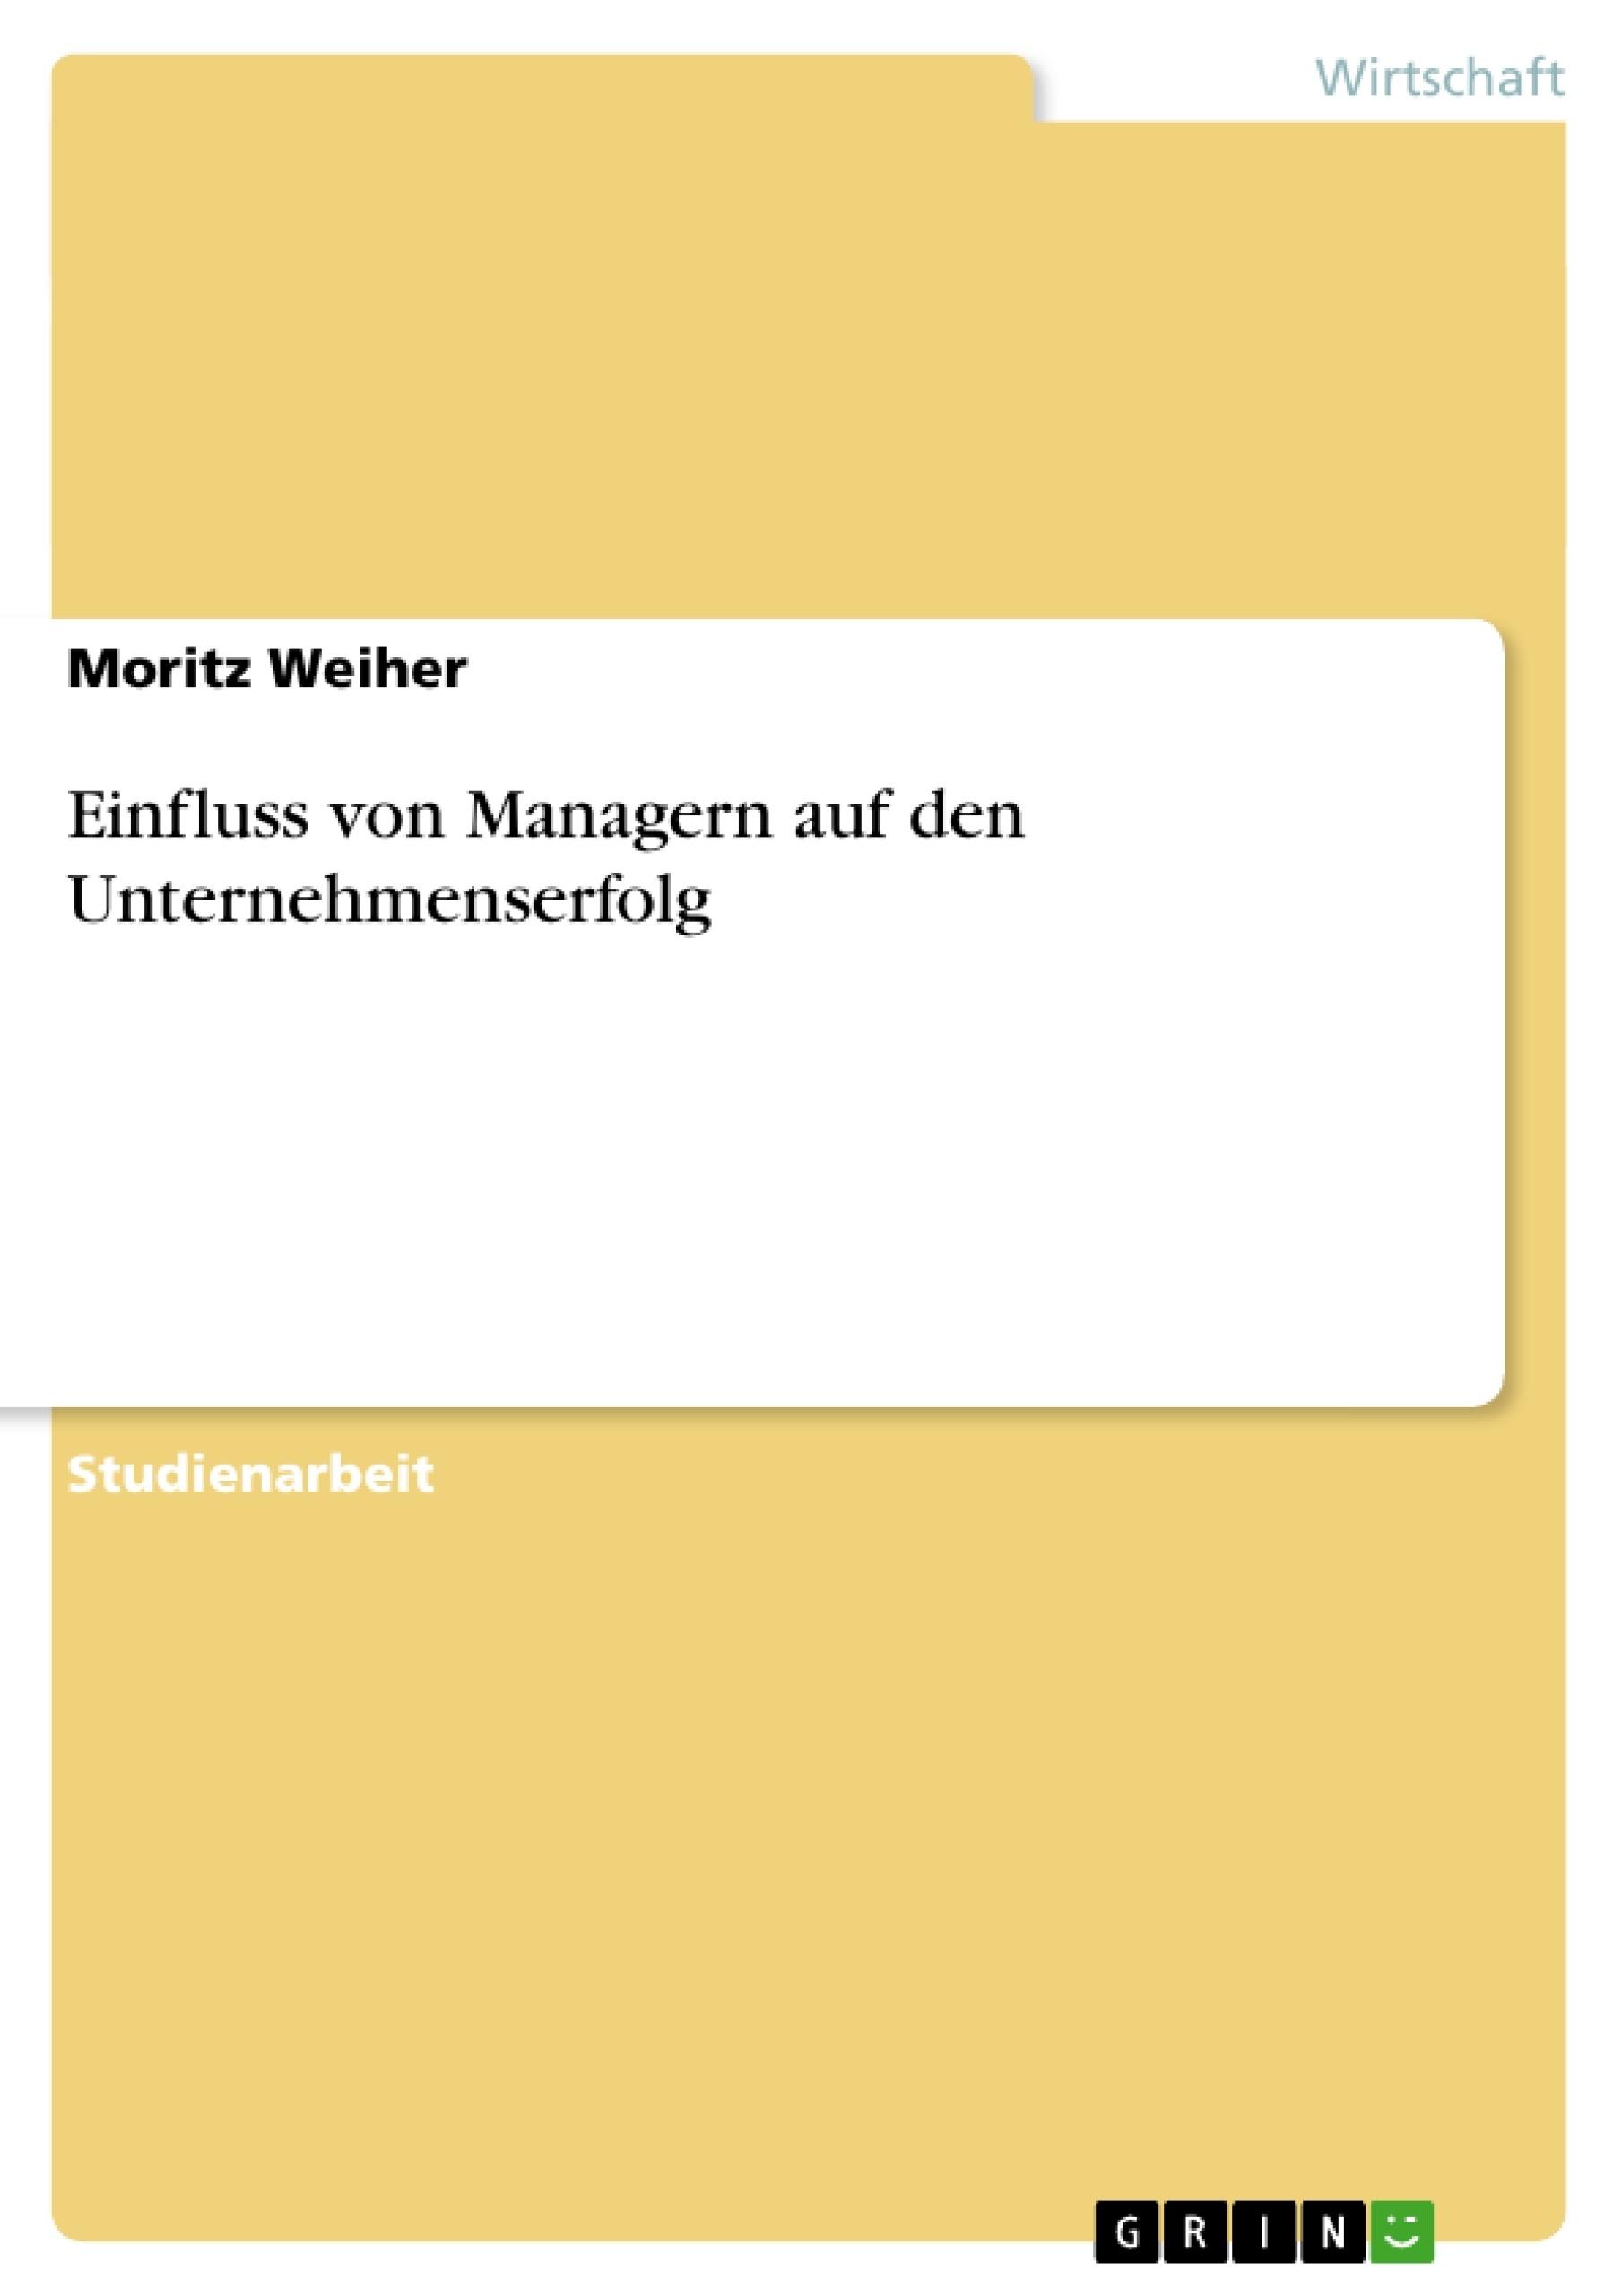 Titel: Einfluss von Managern auf den Unternehmenserfolg